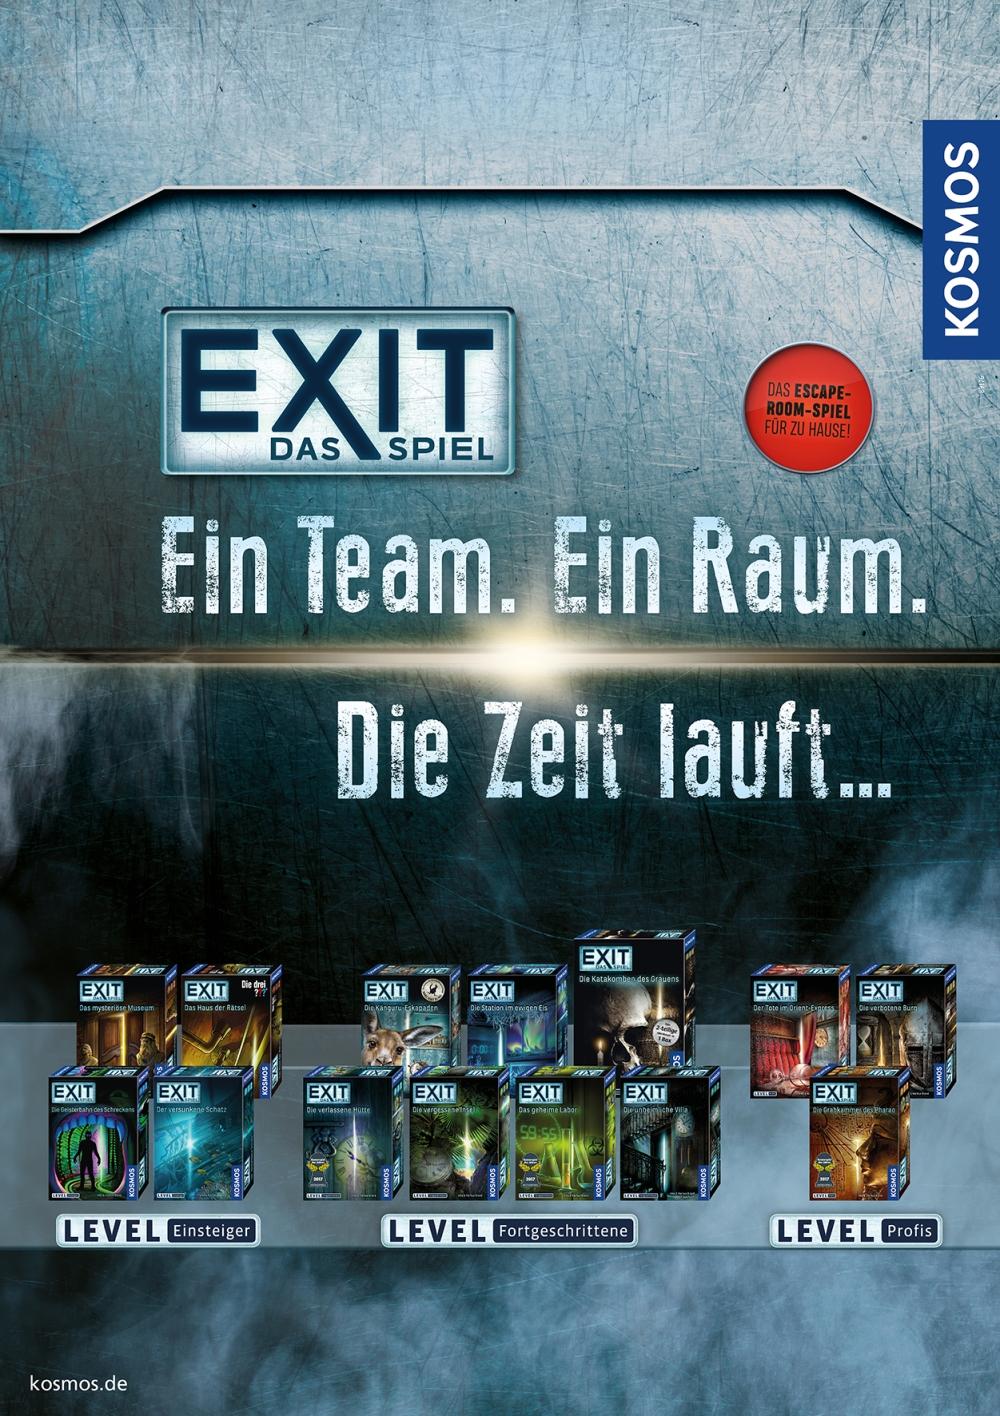 Krimi total & EXIT Games